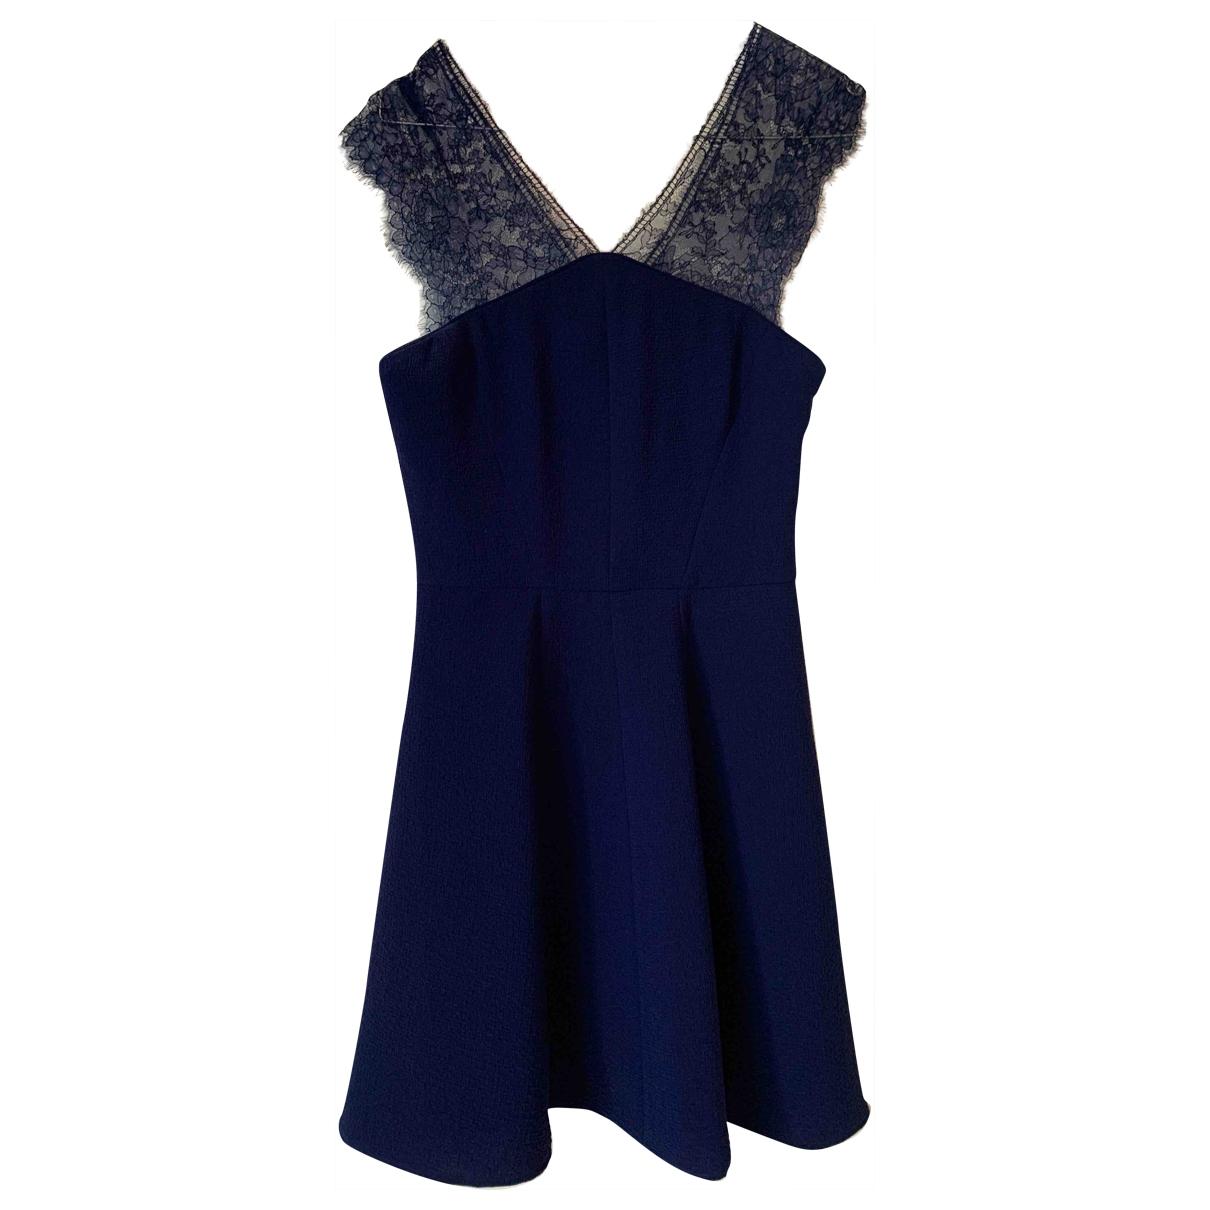 The Kooples \N Blue dress for Women XS International